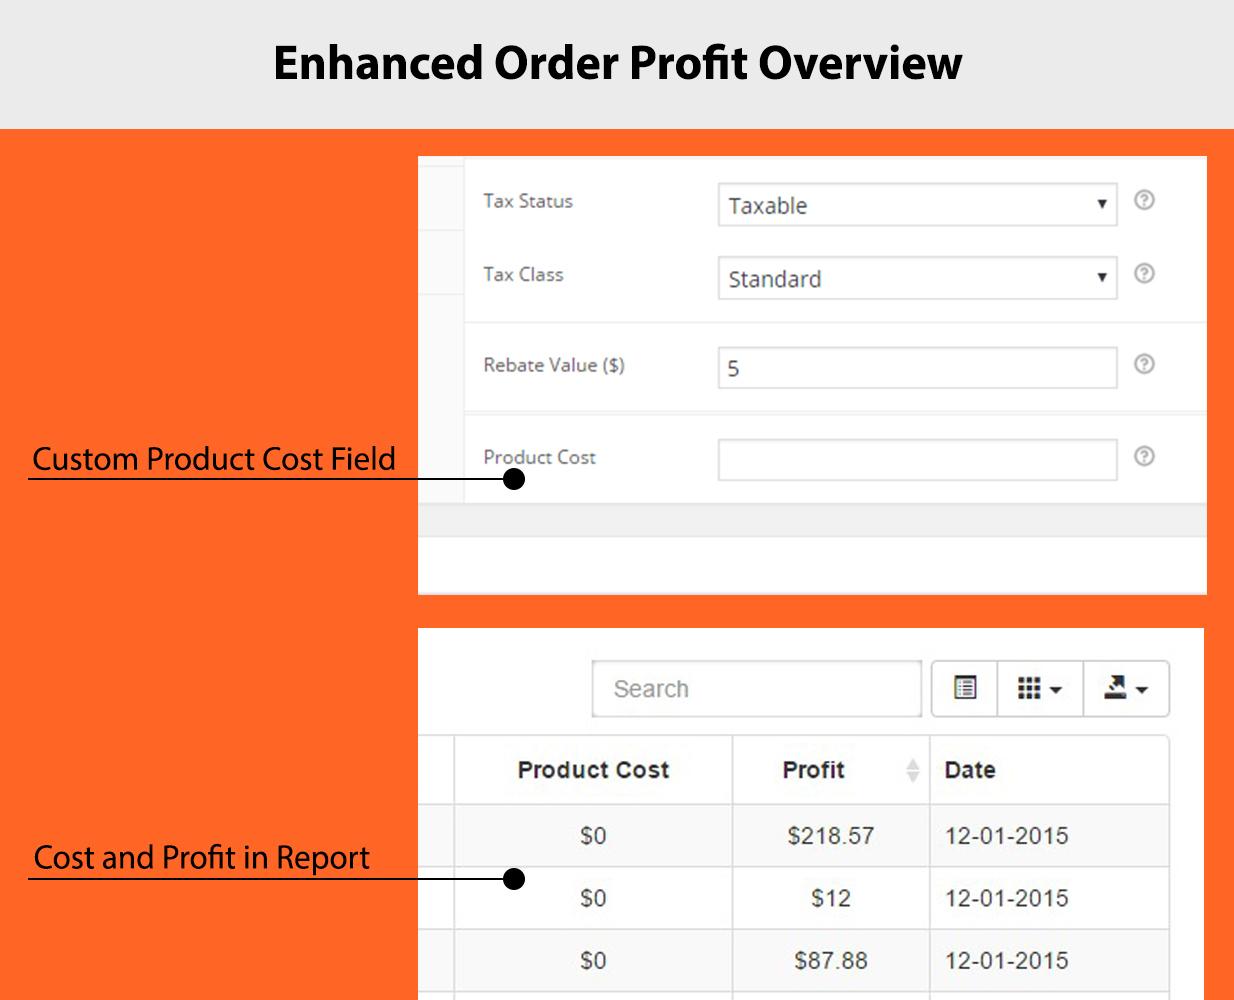 Profit Overview